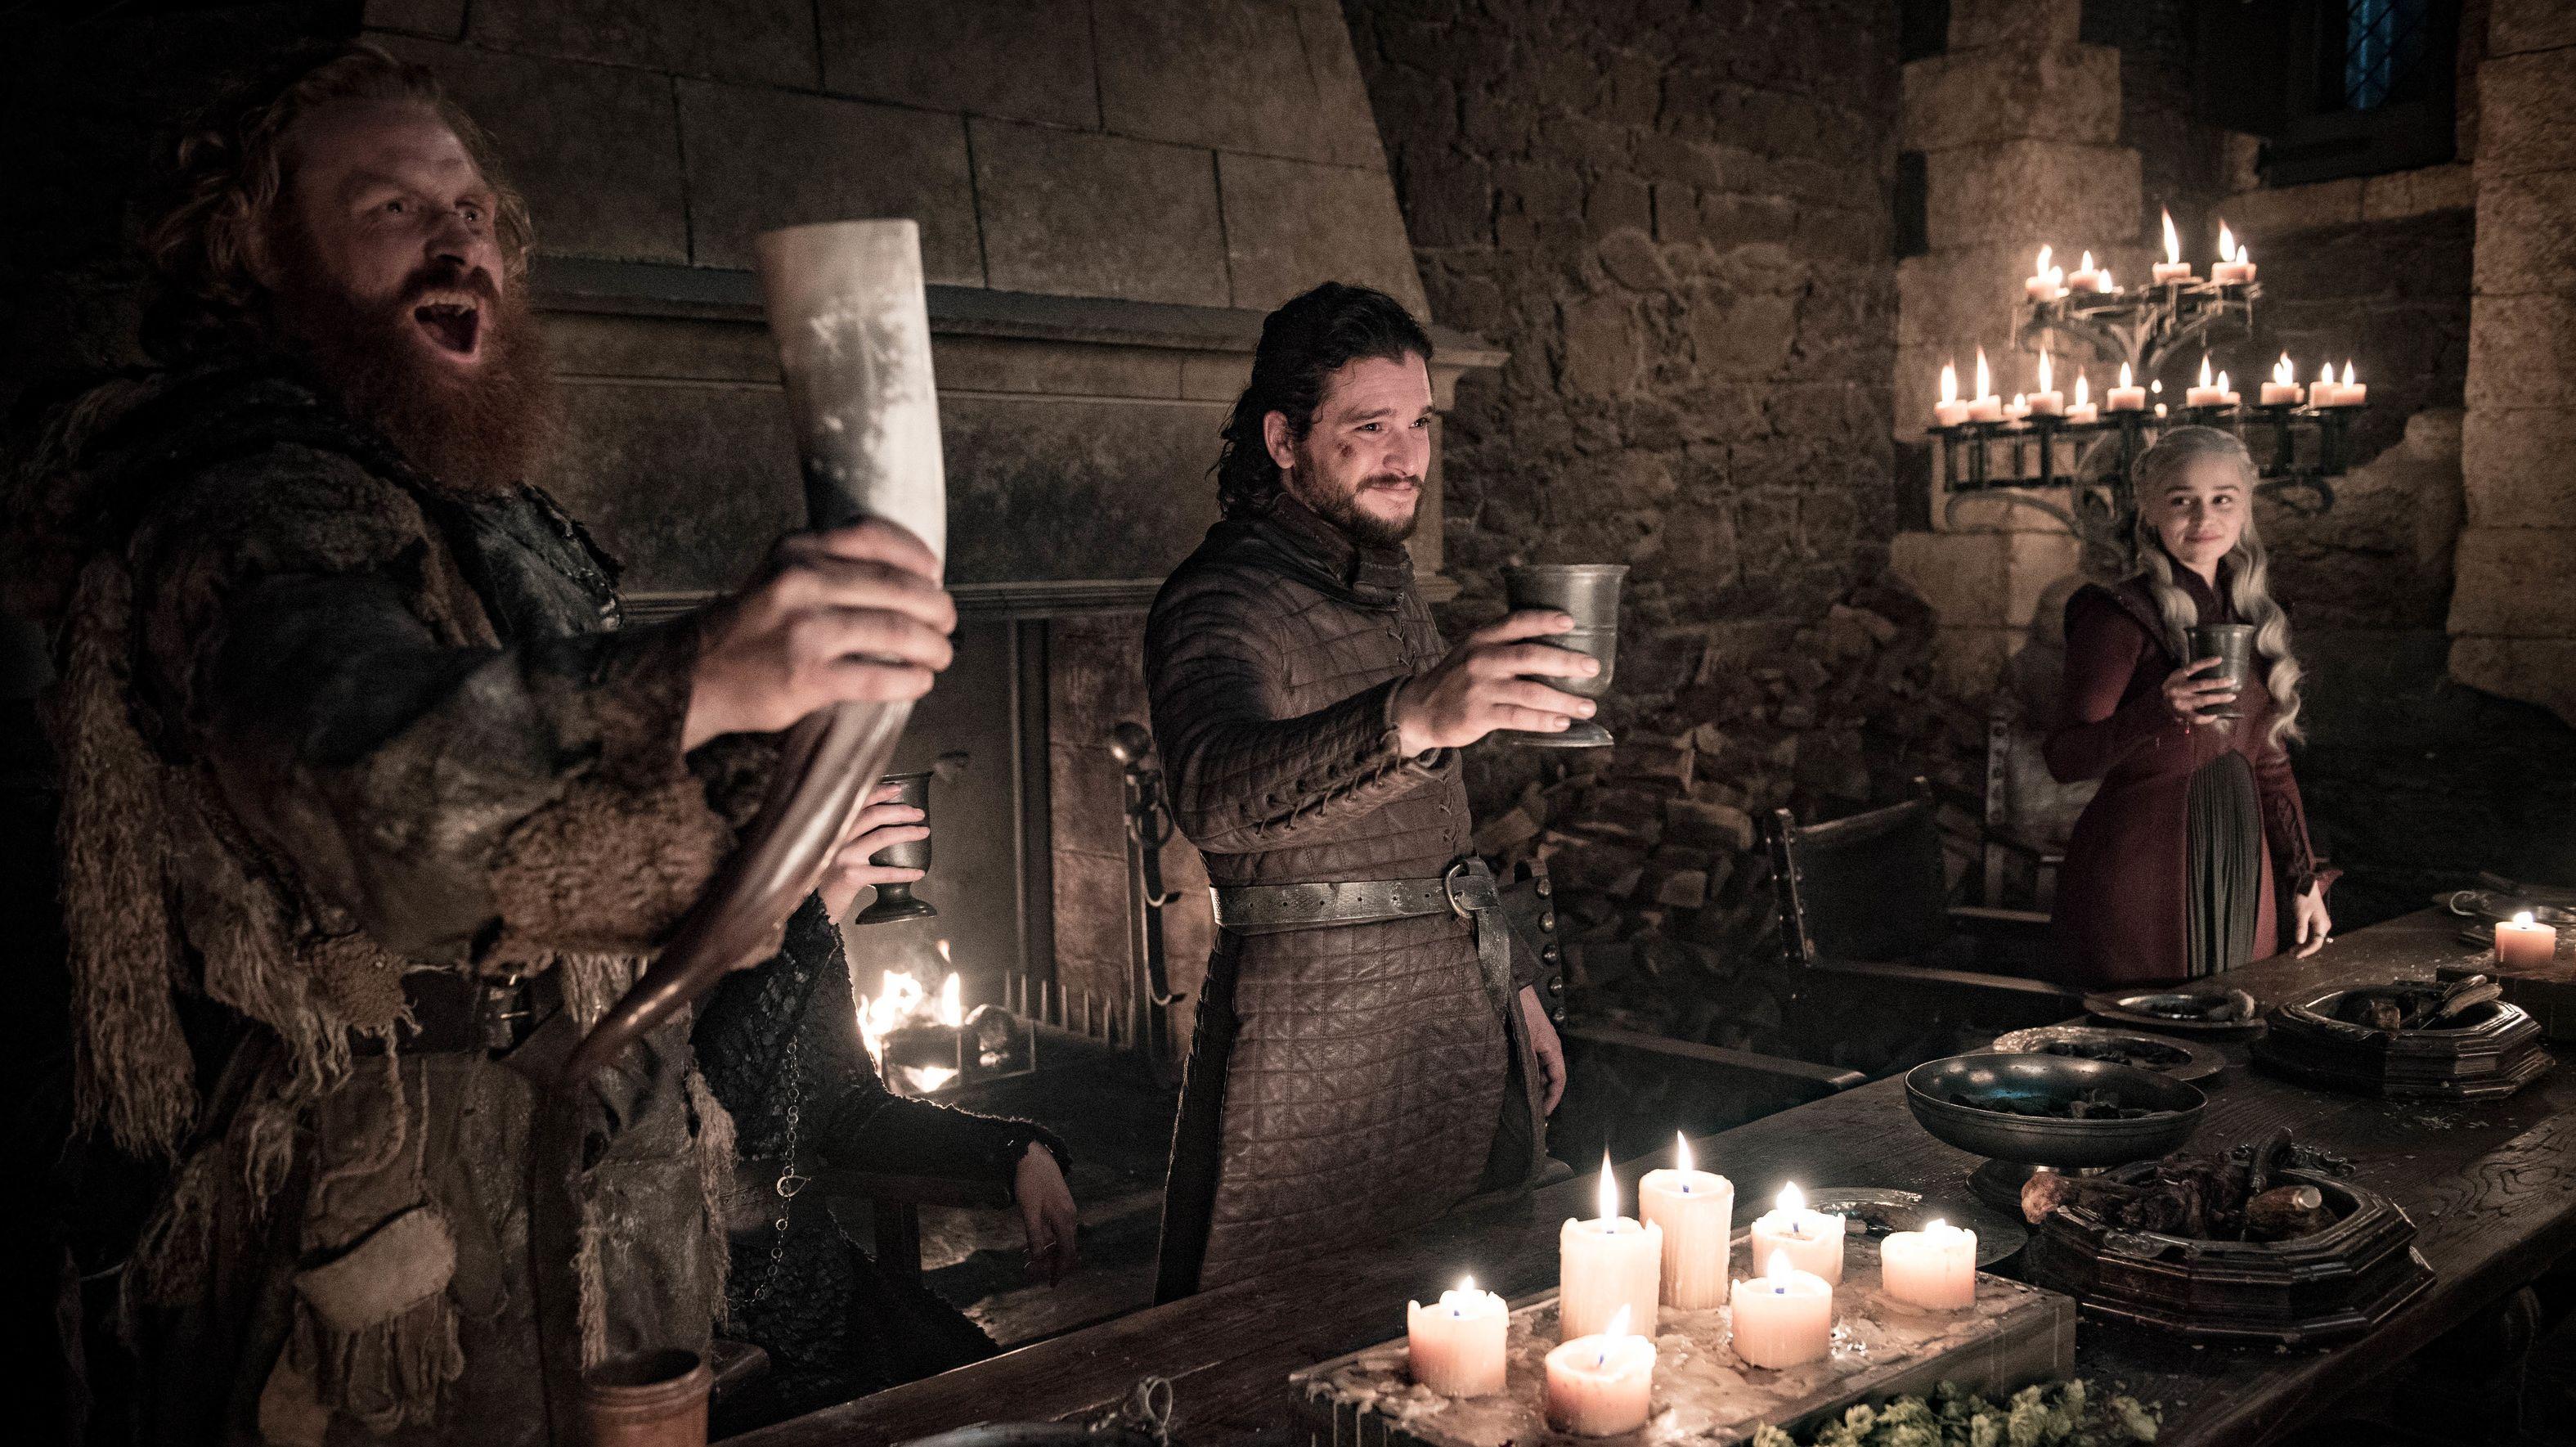 Kristofer Hivju, Kit Harington, and Emilia Clarke celebrate in Game of Thrones